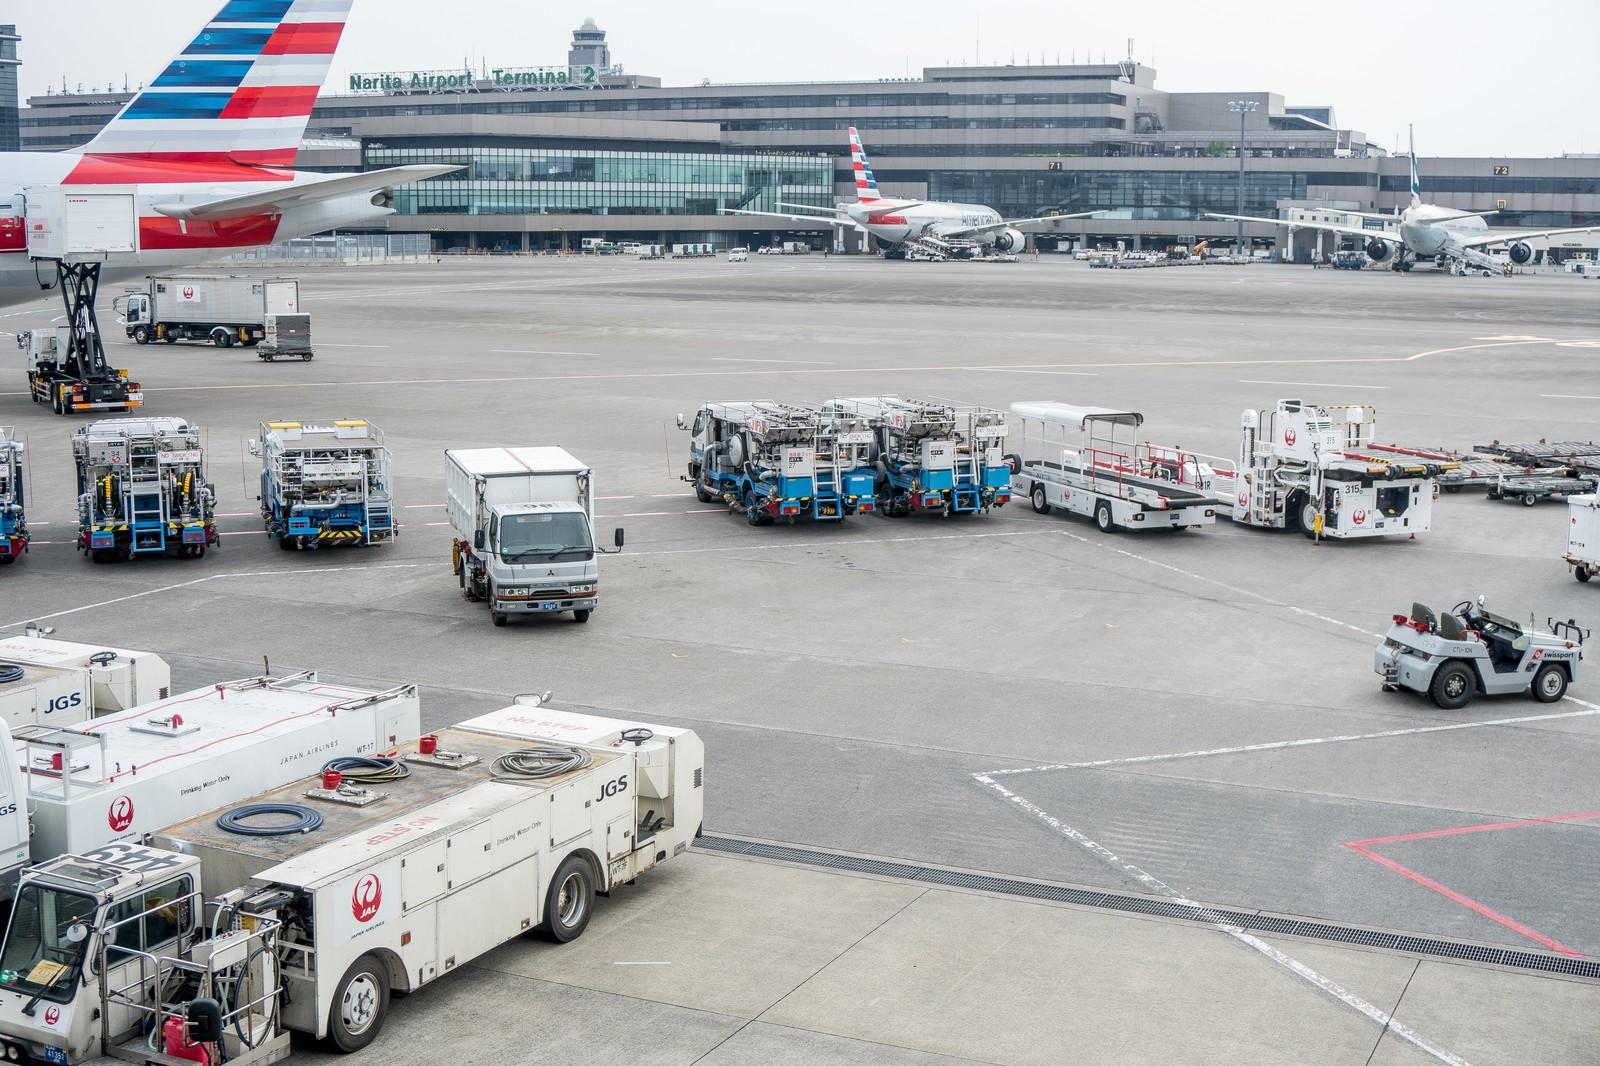 成田空港を観光しよう!こどもも喜ぶスポットや見どころが満載!